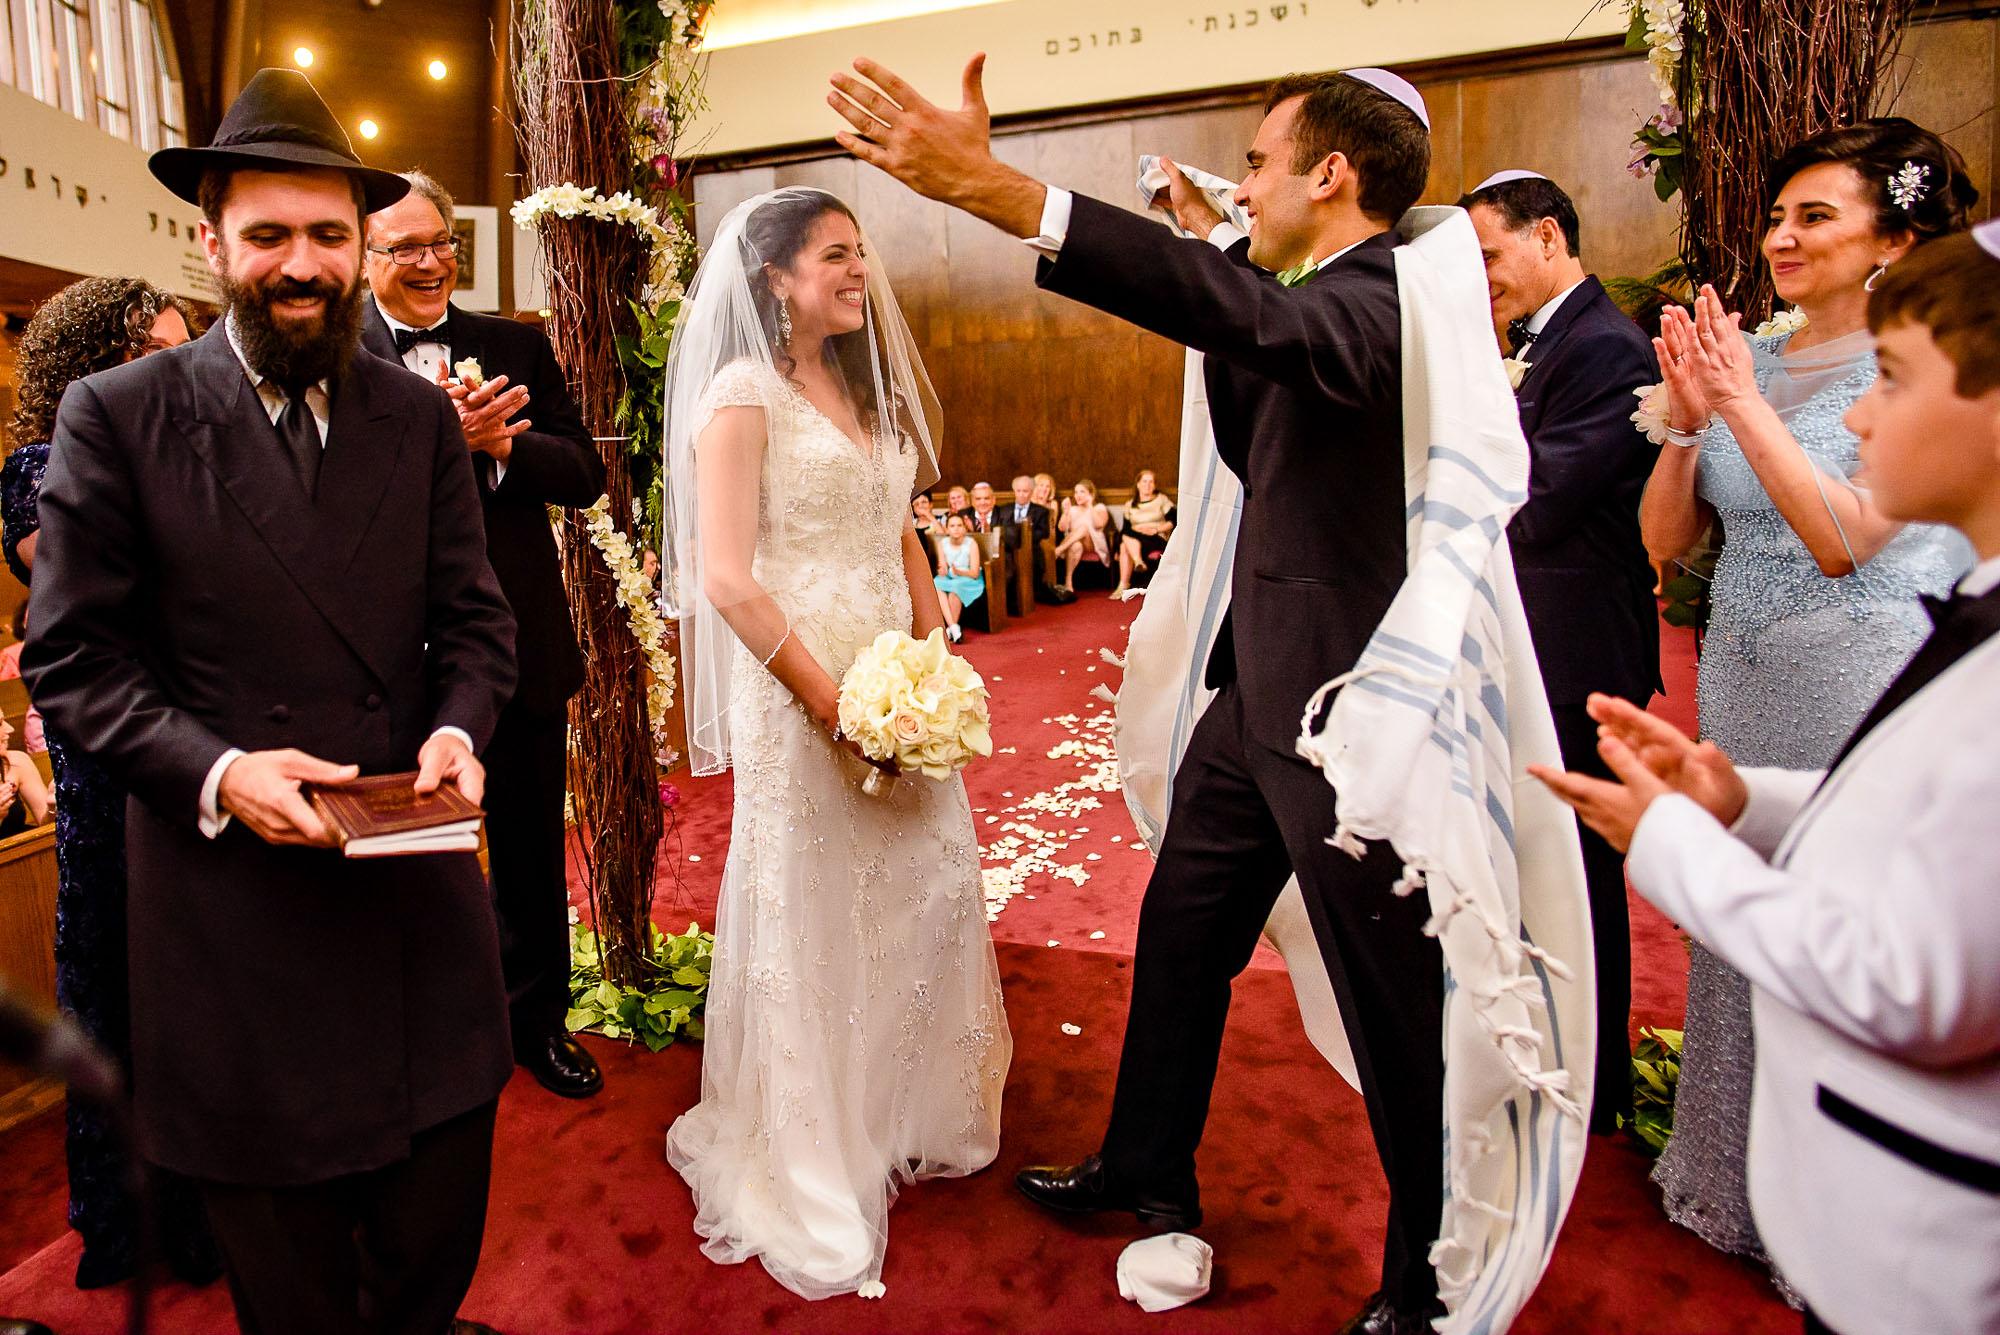 The Sephardic Temple jewish wedding ceremony